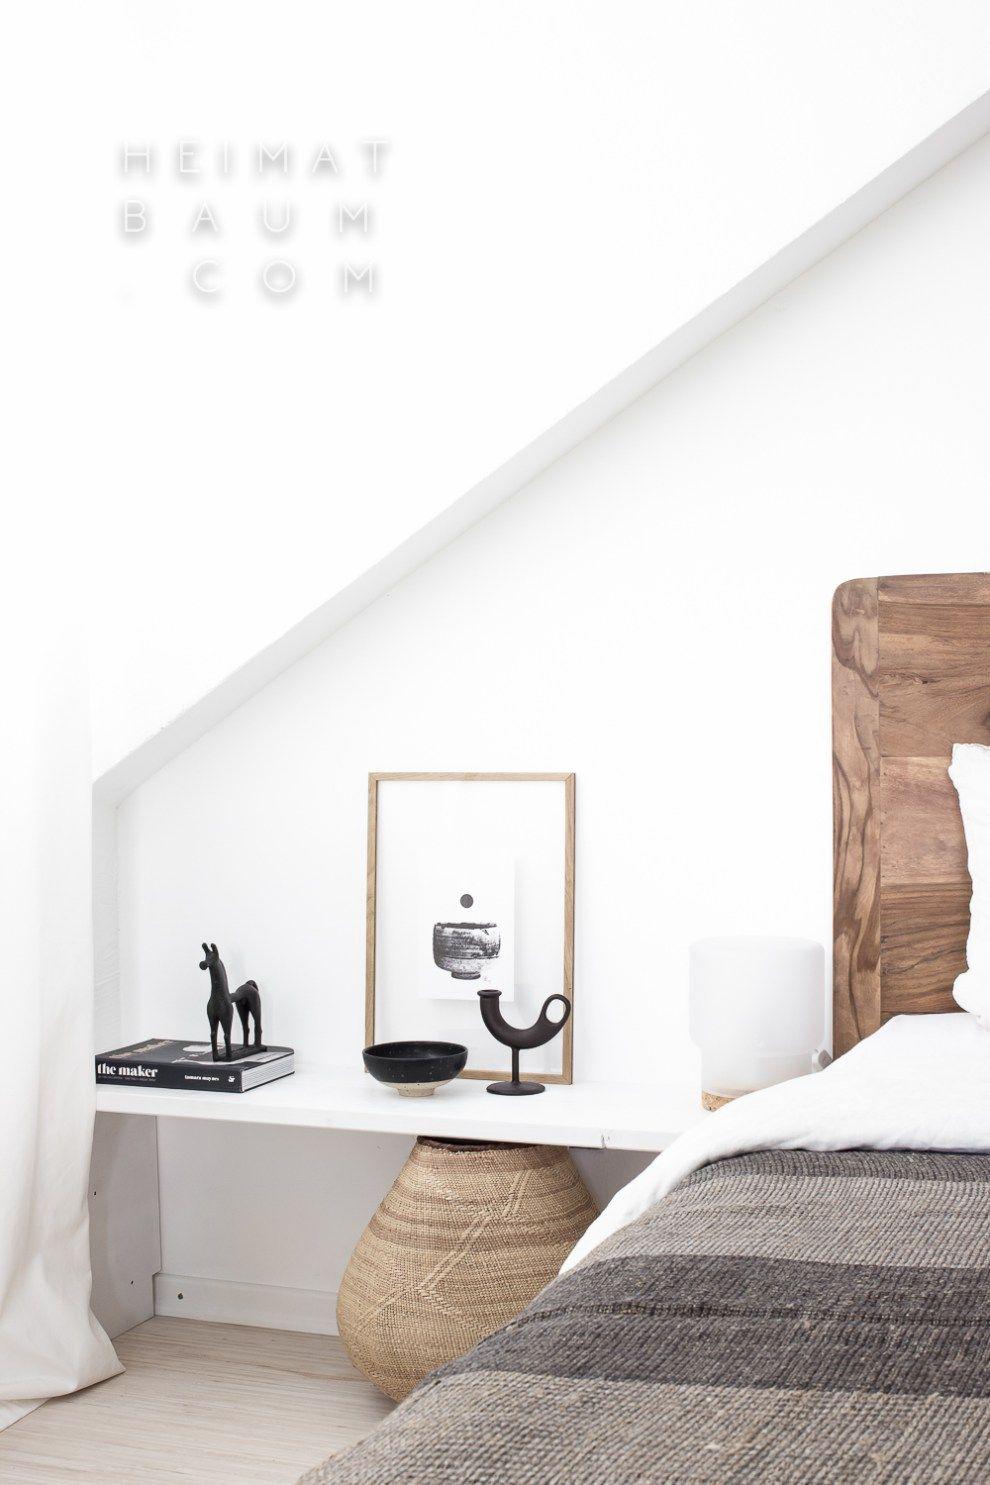 Einzeiliges Regal statt Nachtschrank im #Schlafzimmer #Wohnidee ...